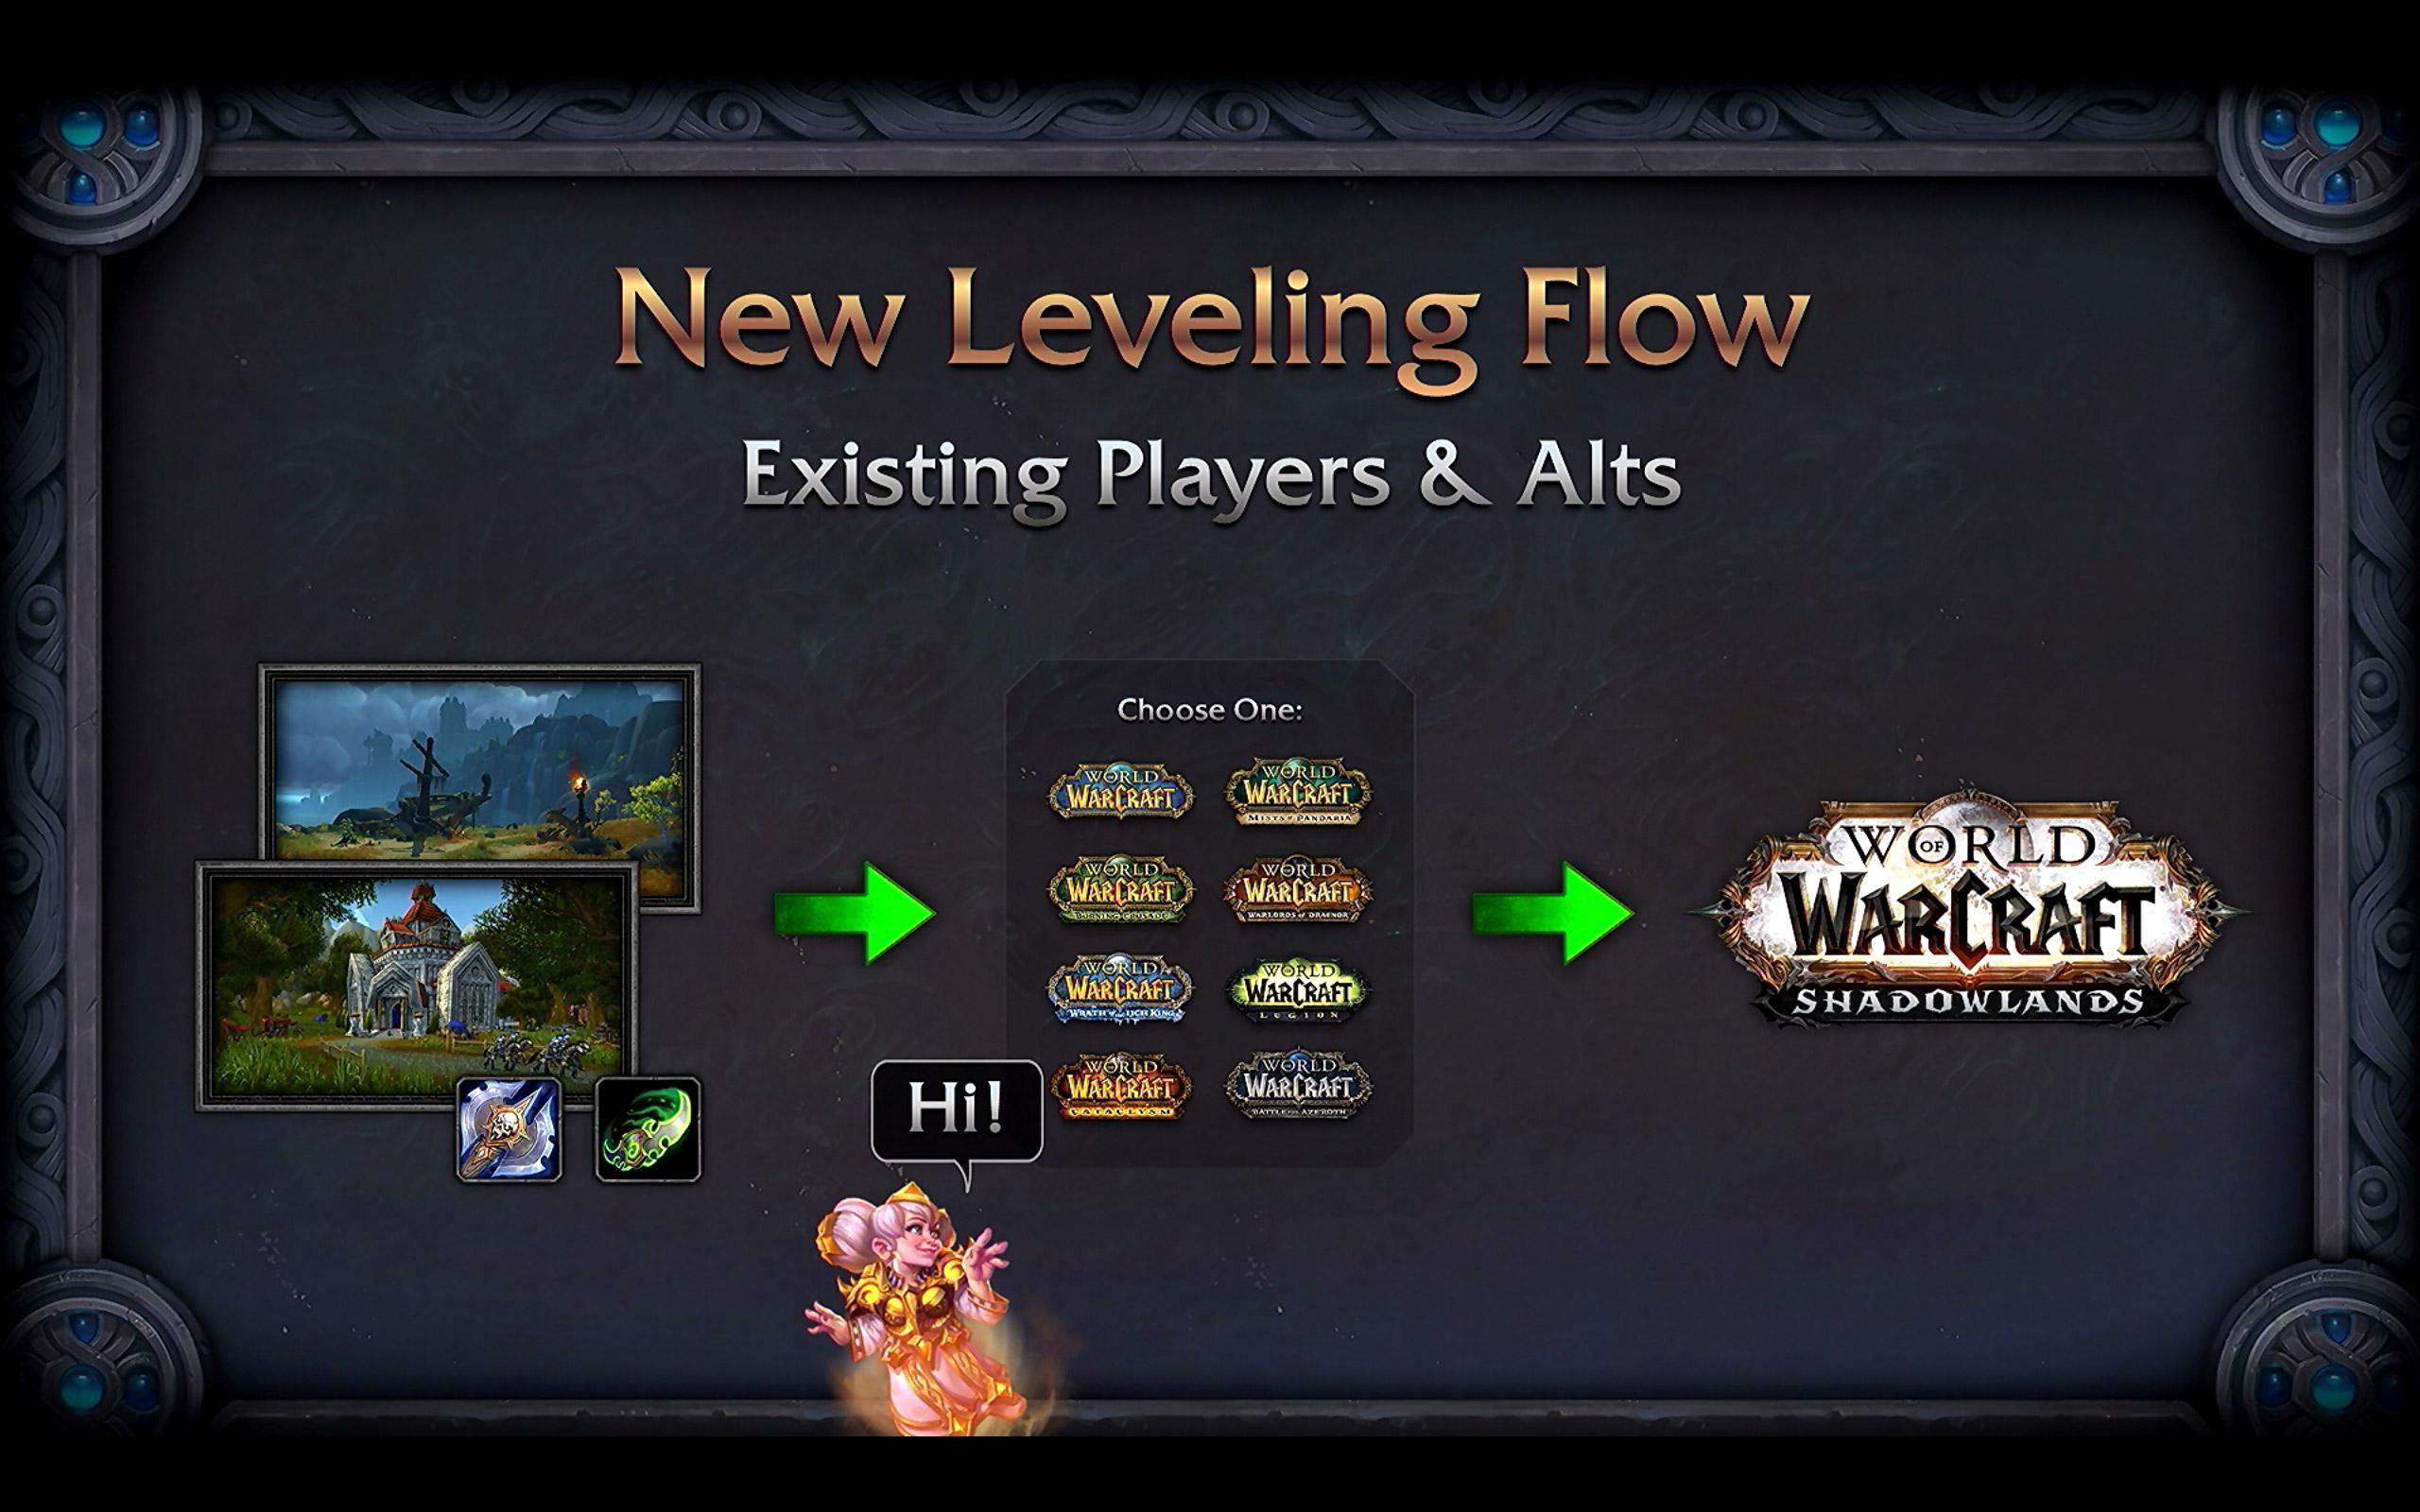 Le leveling est complètement revu dans Shadowlands